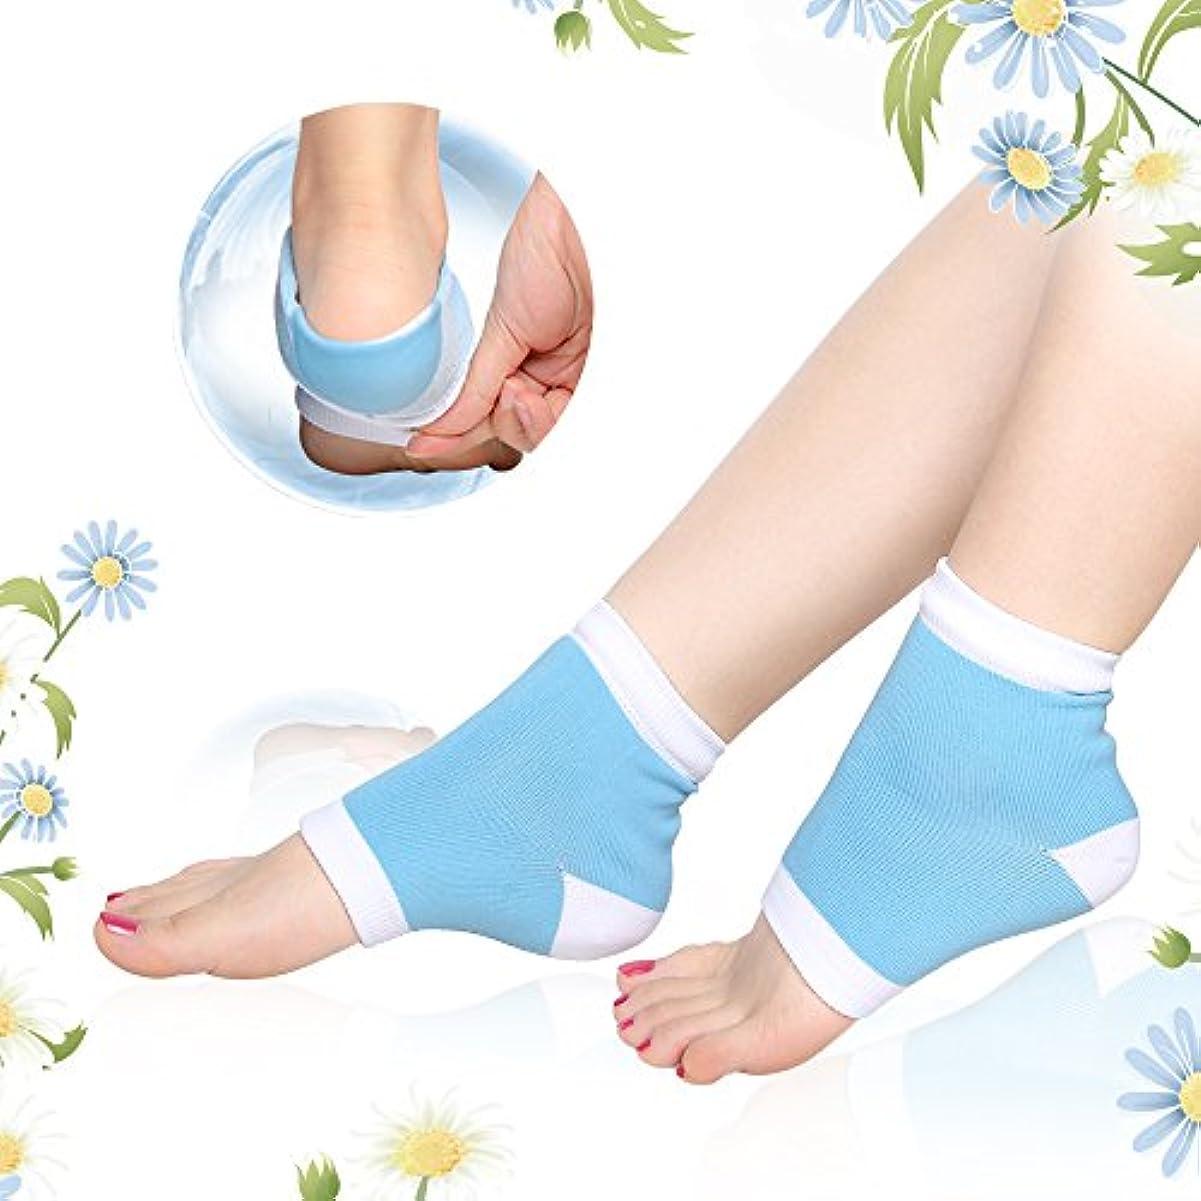 概してにきゅうりかかとケア 靴下, ひび/角質ケア 保湿 ソックス うるおい 足首用サポーター フットケア グッズ ヨガソックス 左右セット フリーサイズ By Dr.Orem